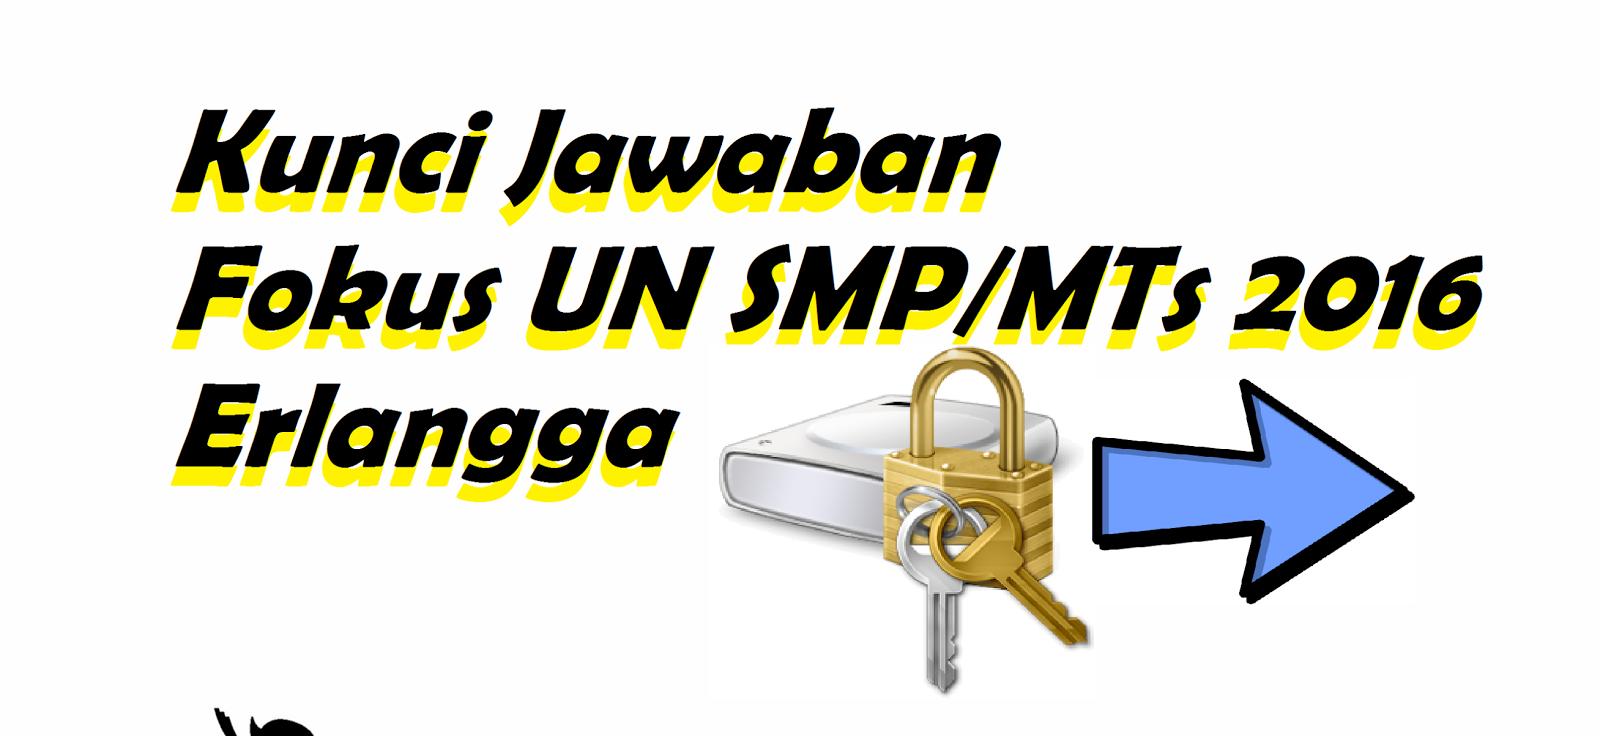 Kunci Jawaban Fokus Un Smp Mts 2016 Penerbit Erlangga